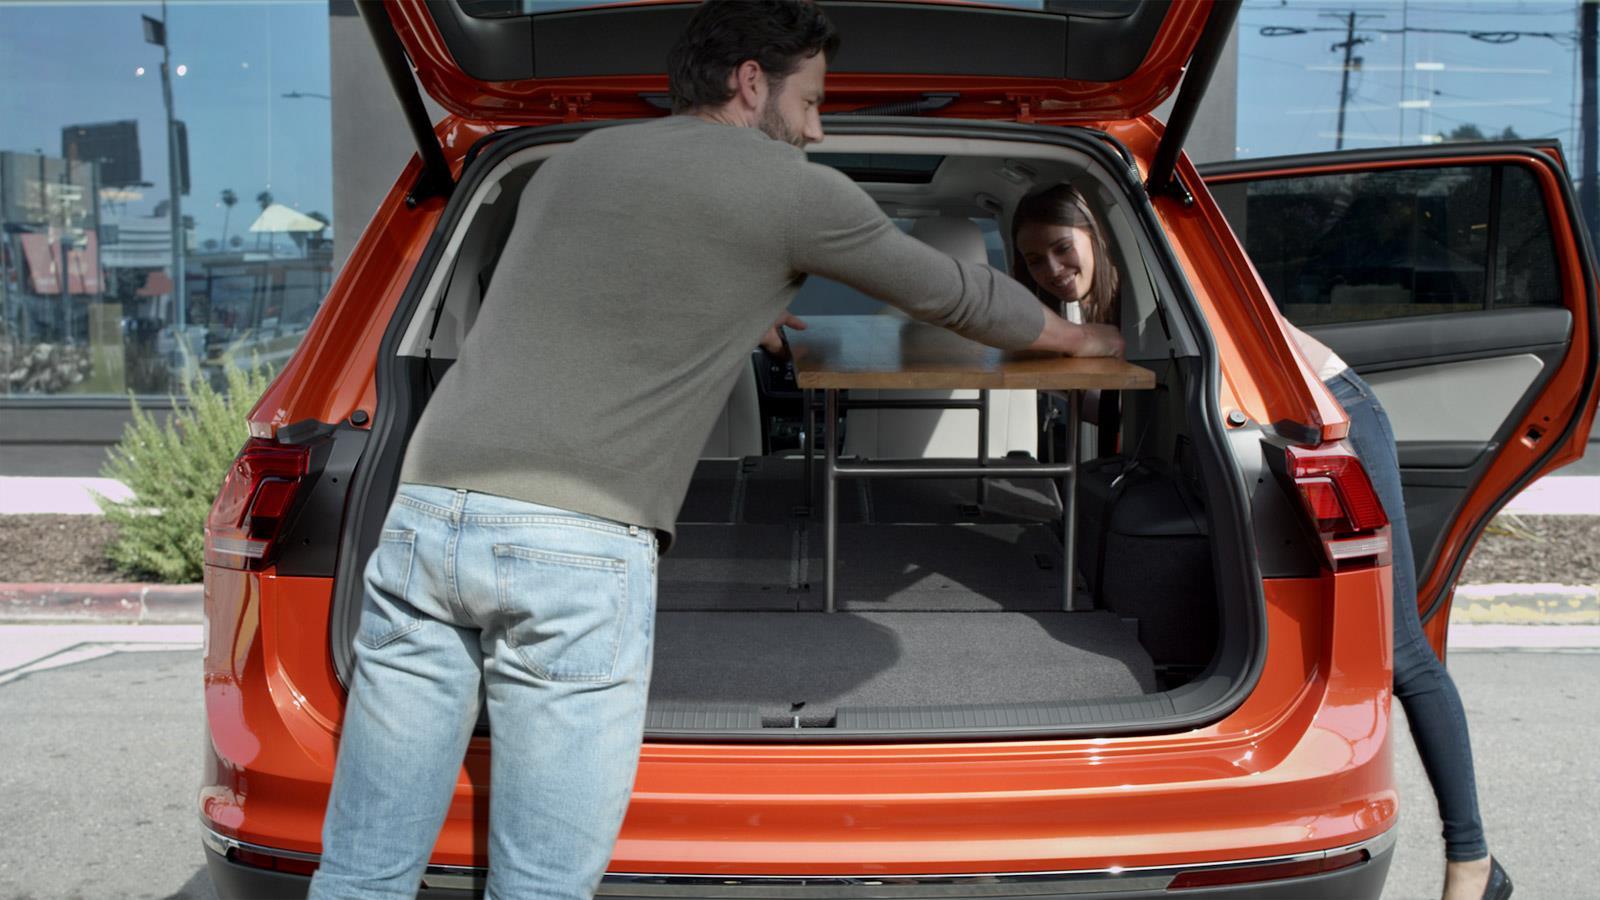 La Volkswagen Tiguan 2018 ofrece hasta 73.5 pies cúbicos de espacio de carga con los asientos traseros doblados.